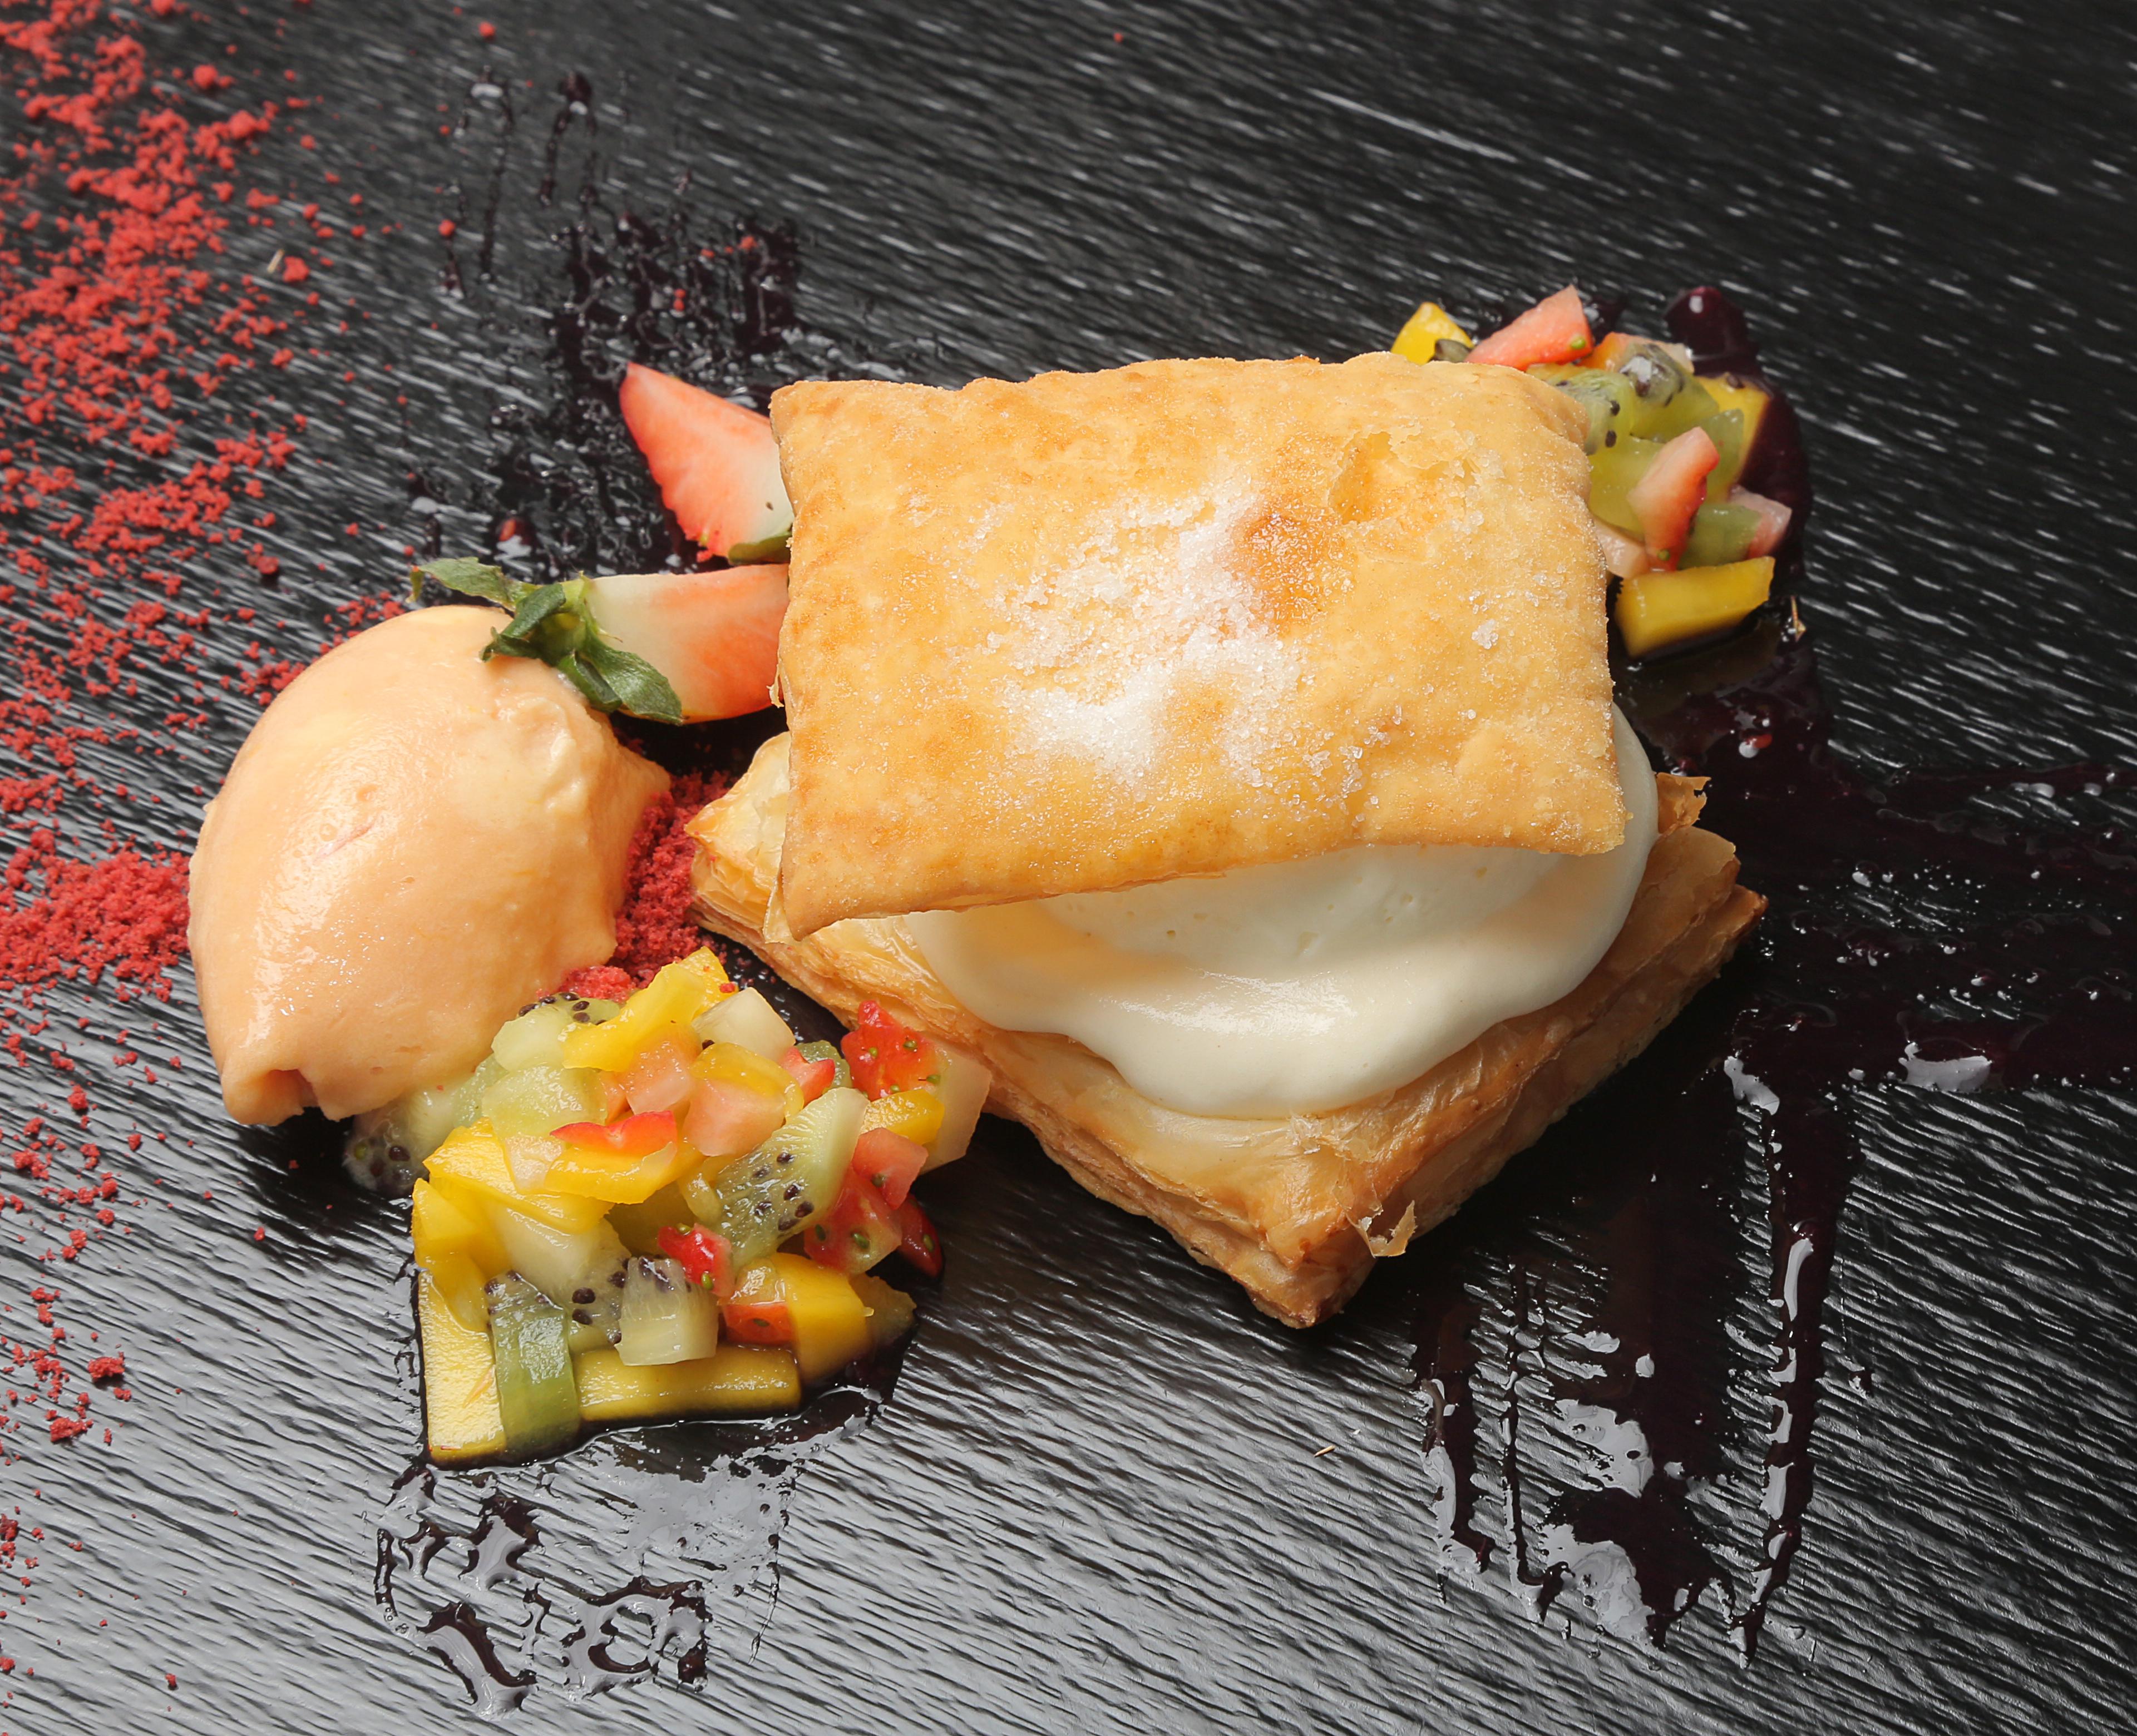 53-PARANINFO-TRUFE_hojaldre-crema-de-queso-frutas-y-helado